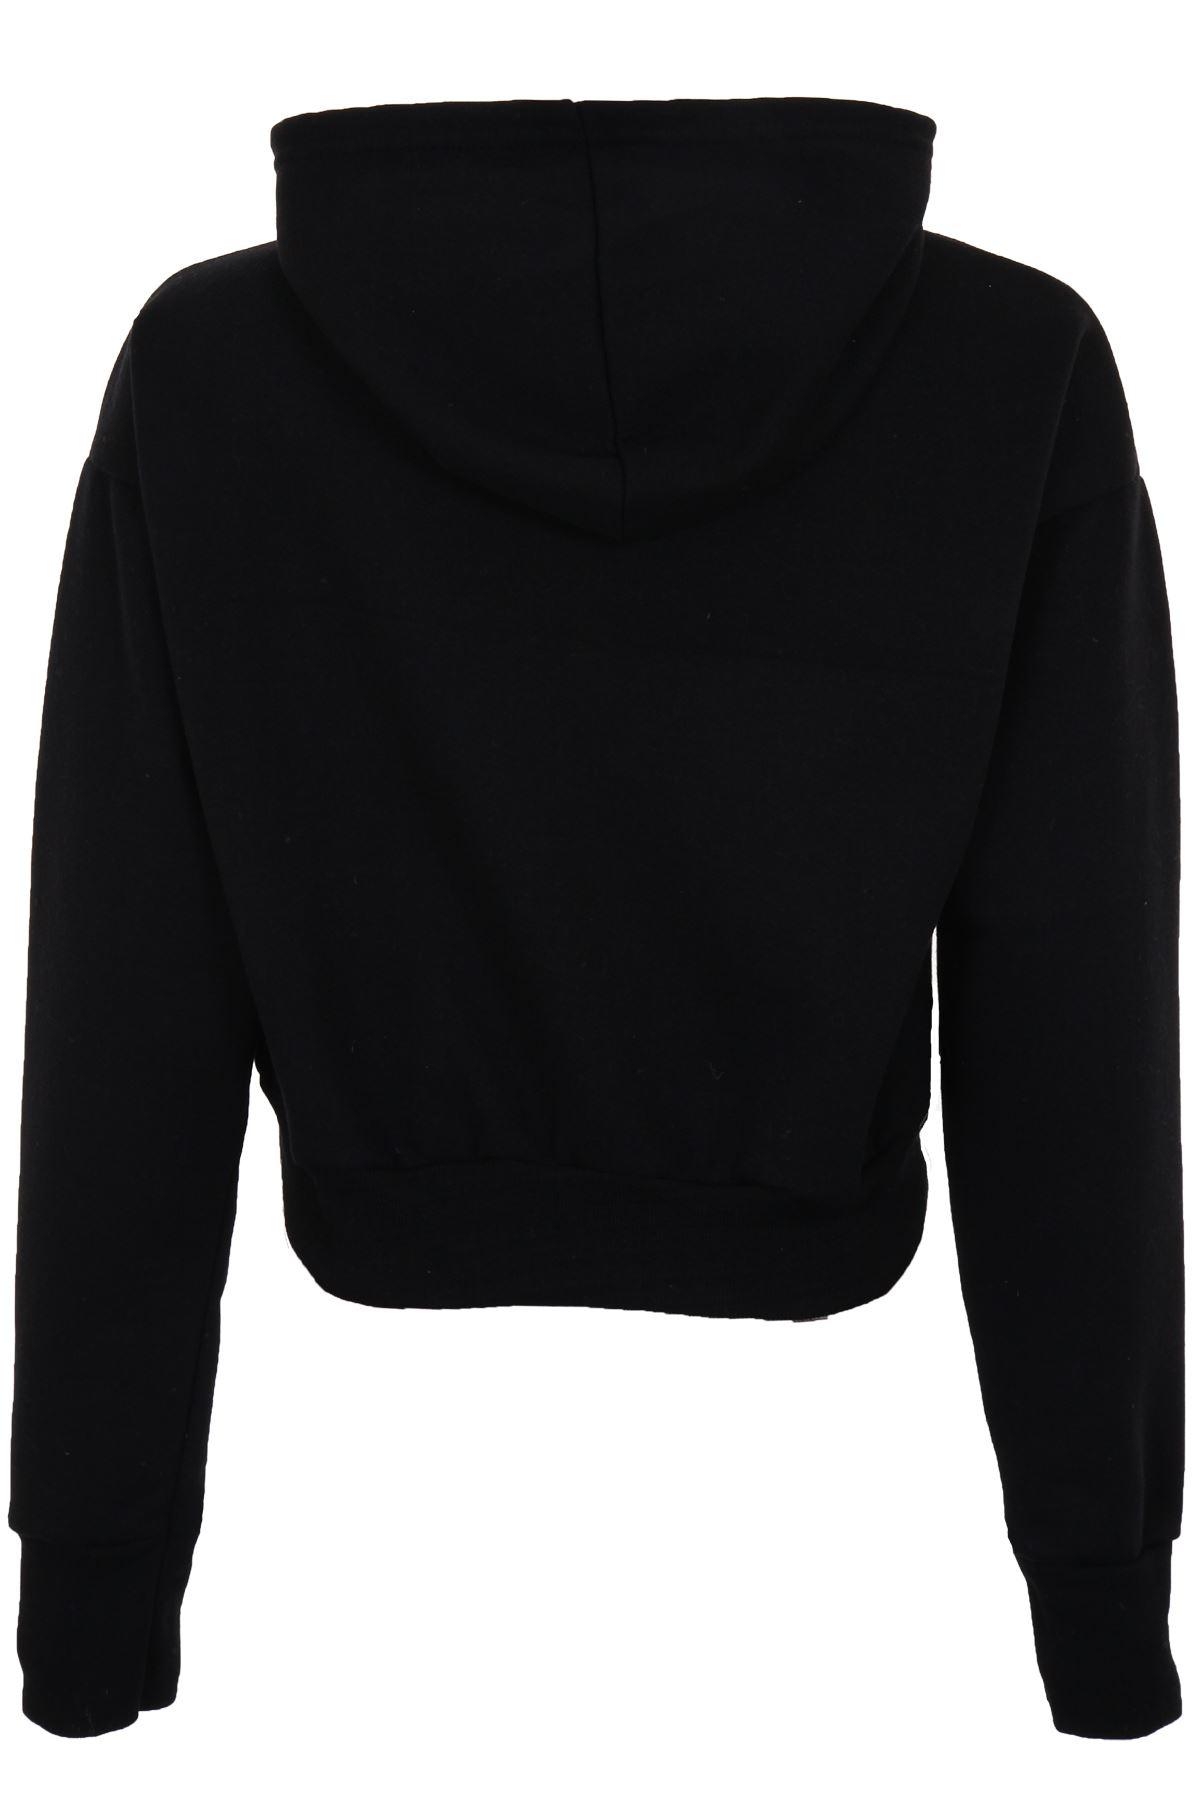 women 39 s crop top pull over hangover hoodie ladies hooded hoody jumper ebay. Black Bedroom Furniture Sets. Home Design Ideas